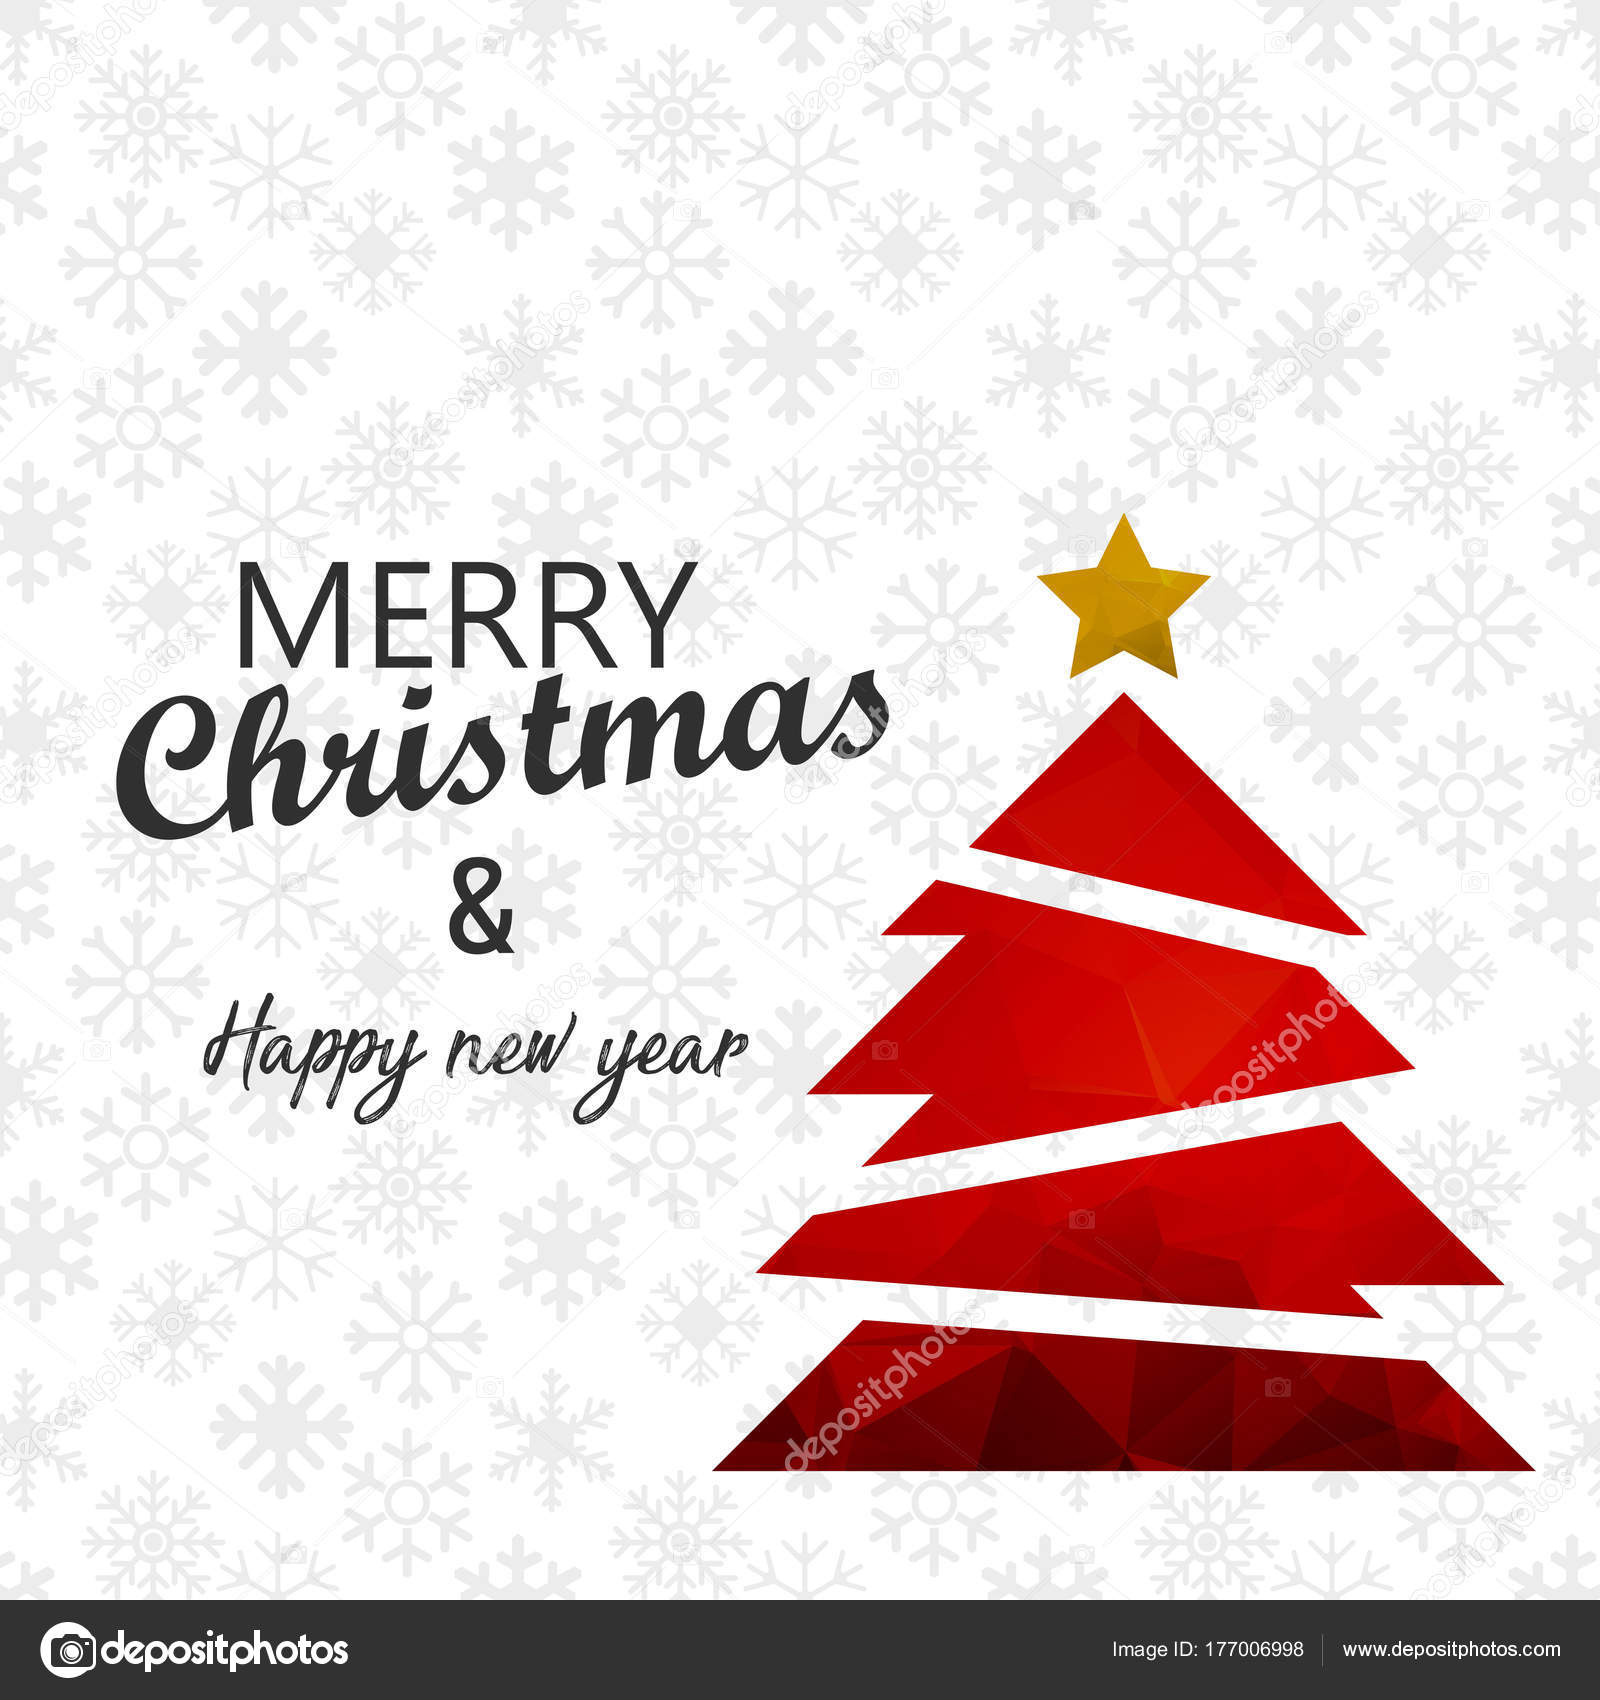 Stern Frohe Weihnachten.Dekorierte Rot Weihnachten Mit Baum Stern Frohe